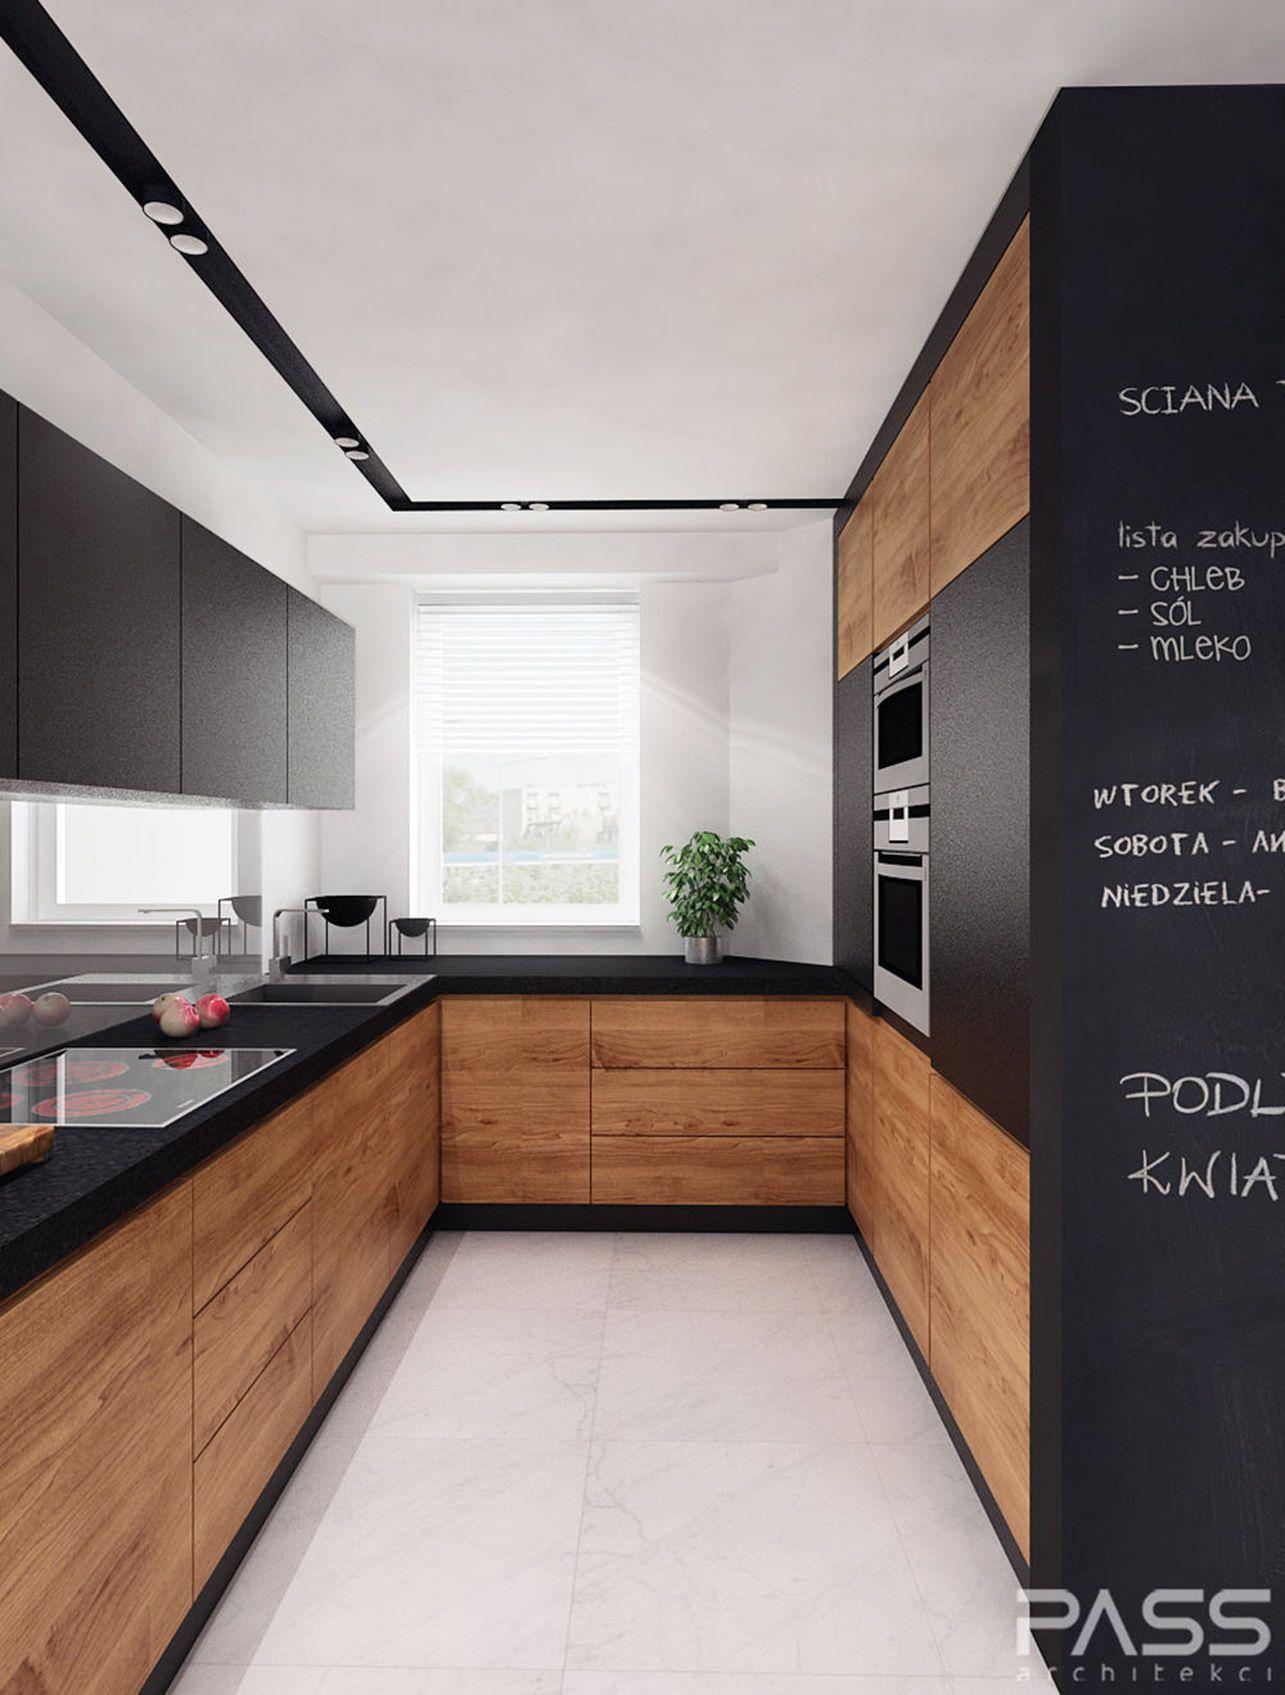 Czarna Kuchnia Dla Kogo Kuchnia Kitchen Kitchen Kitchen